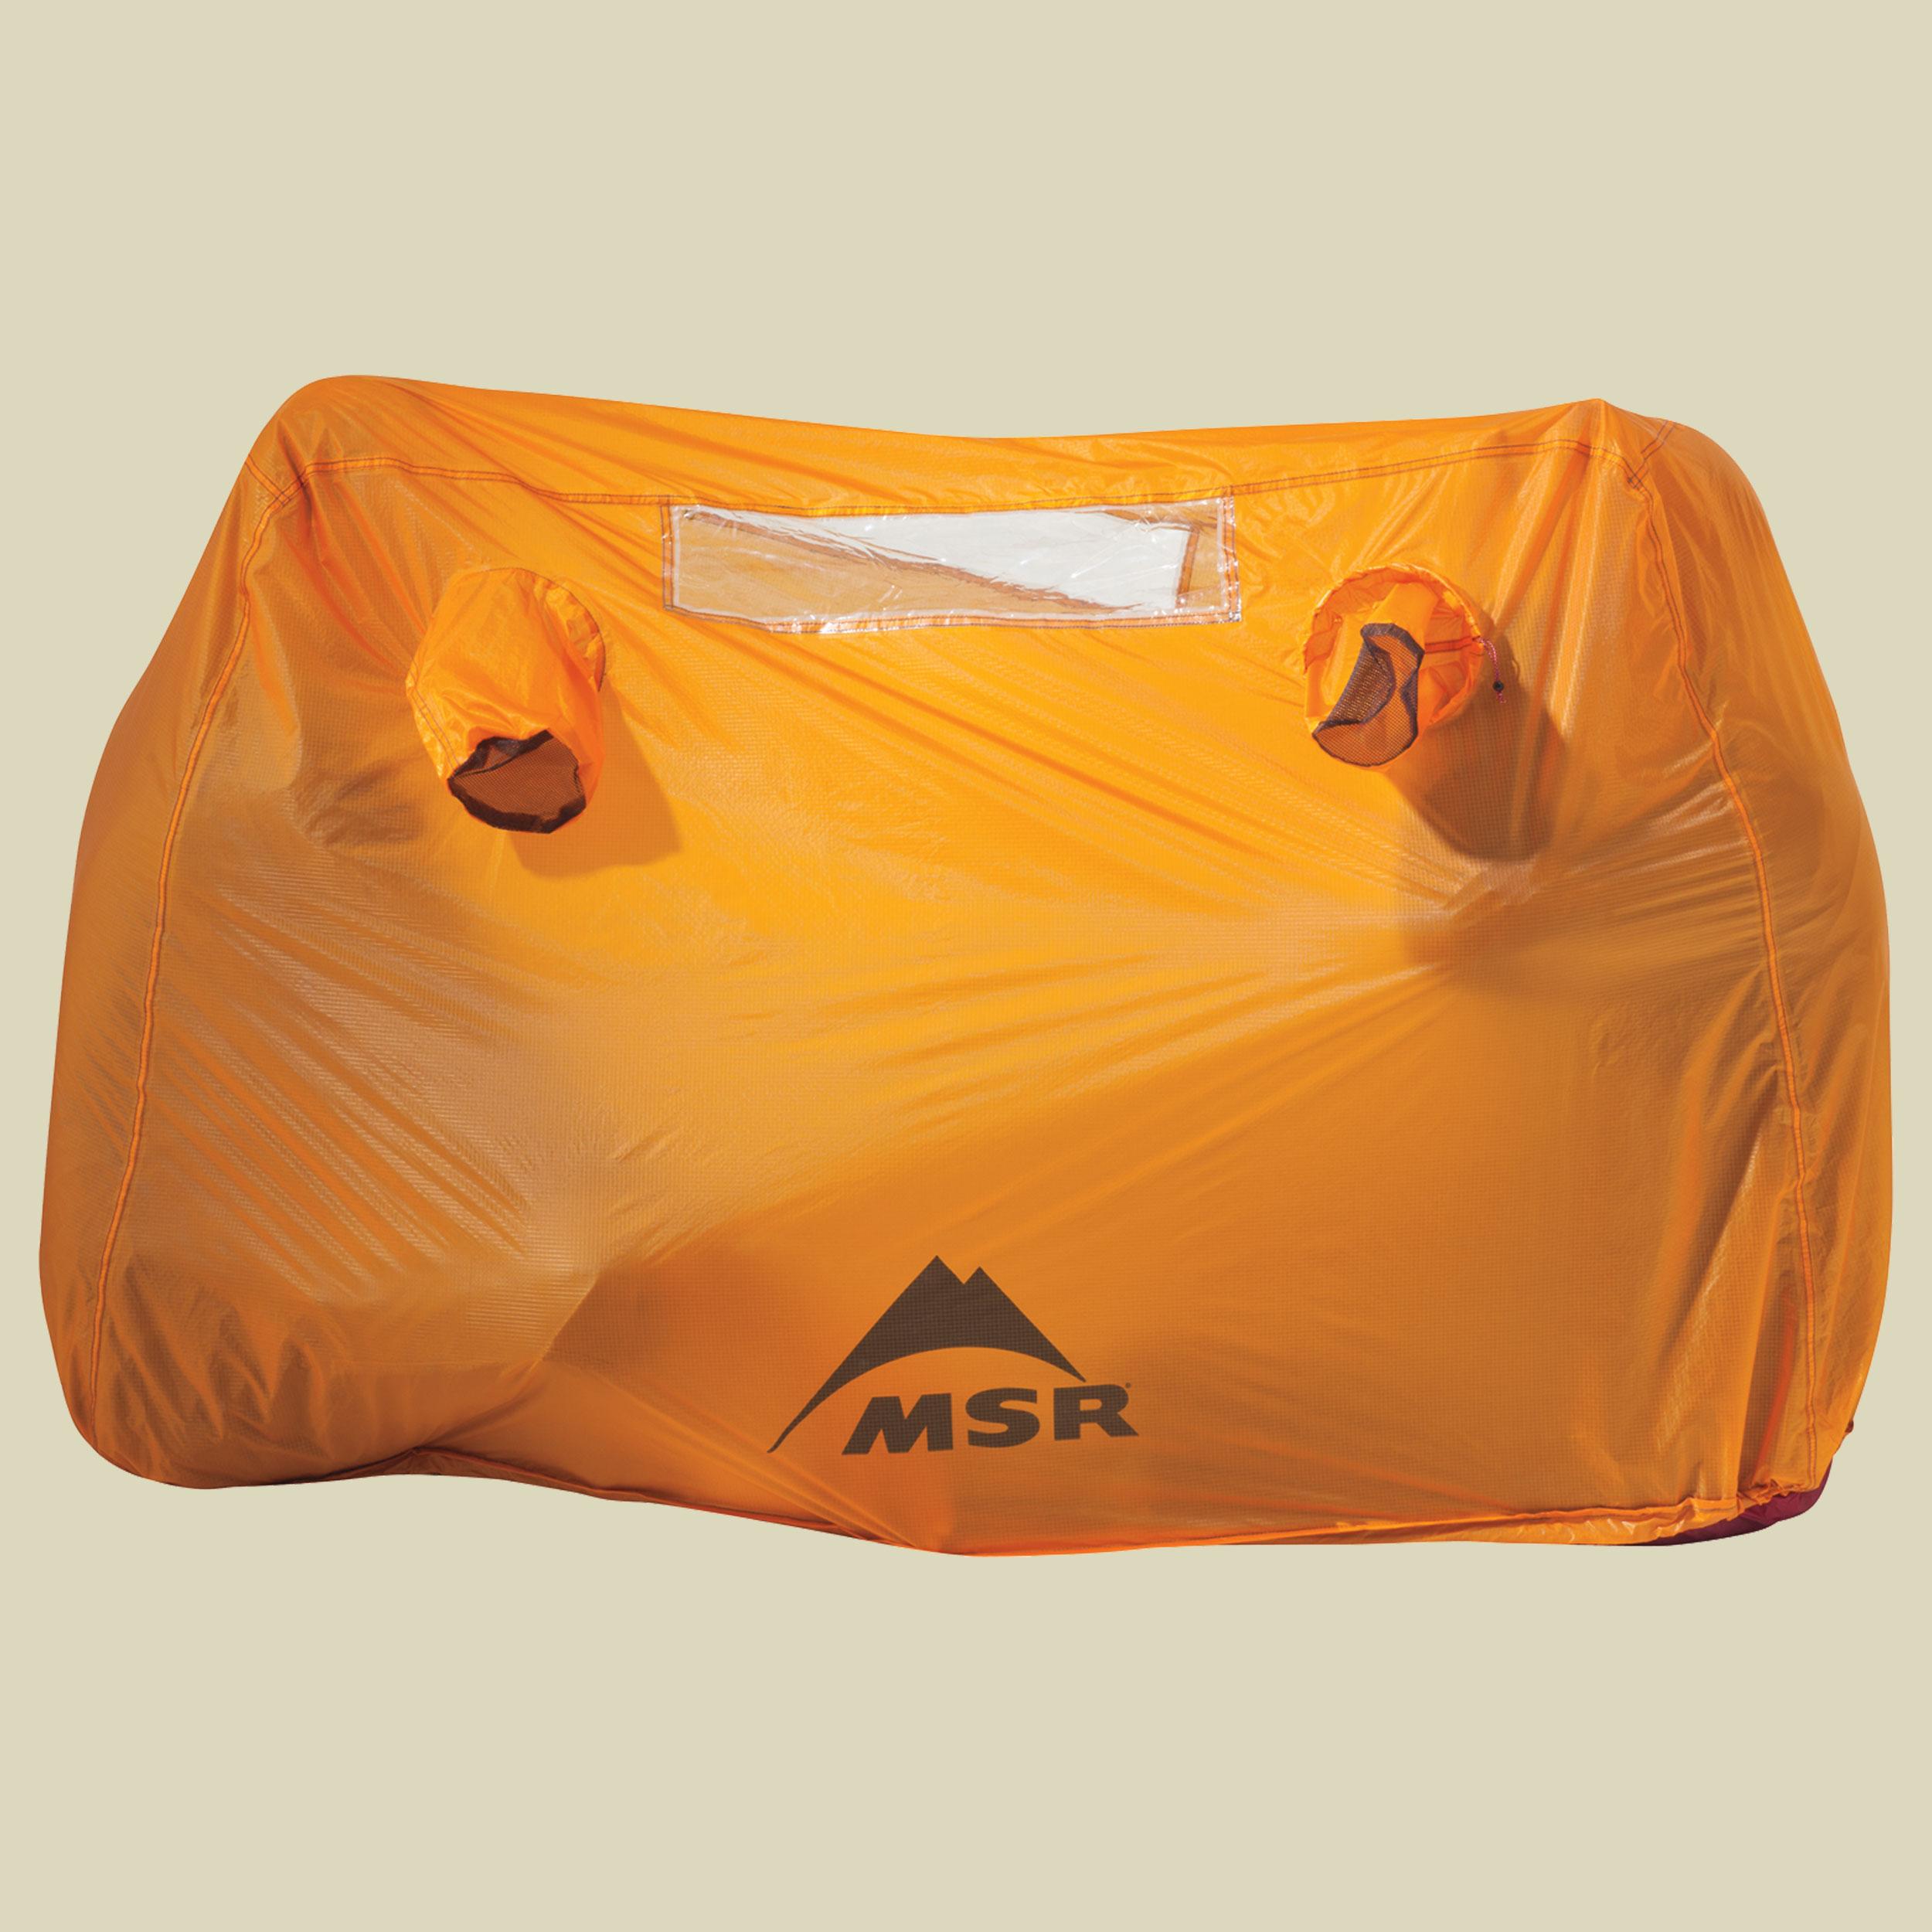 MSR Munro Bothy 2 Notfall-Zelt für 2 Personen Notfall-Zelt für 2 Personen sunset orange